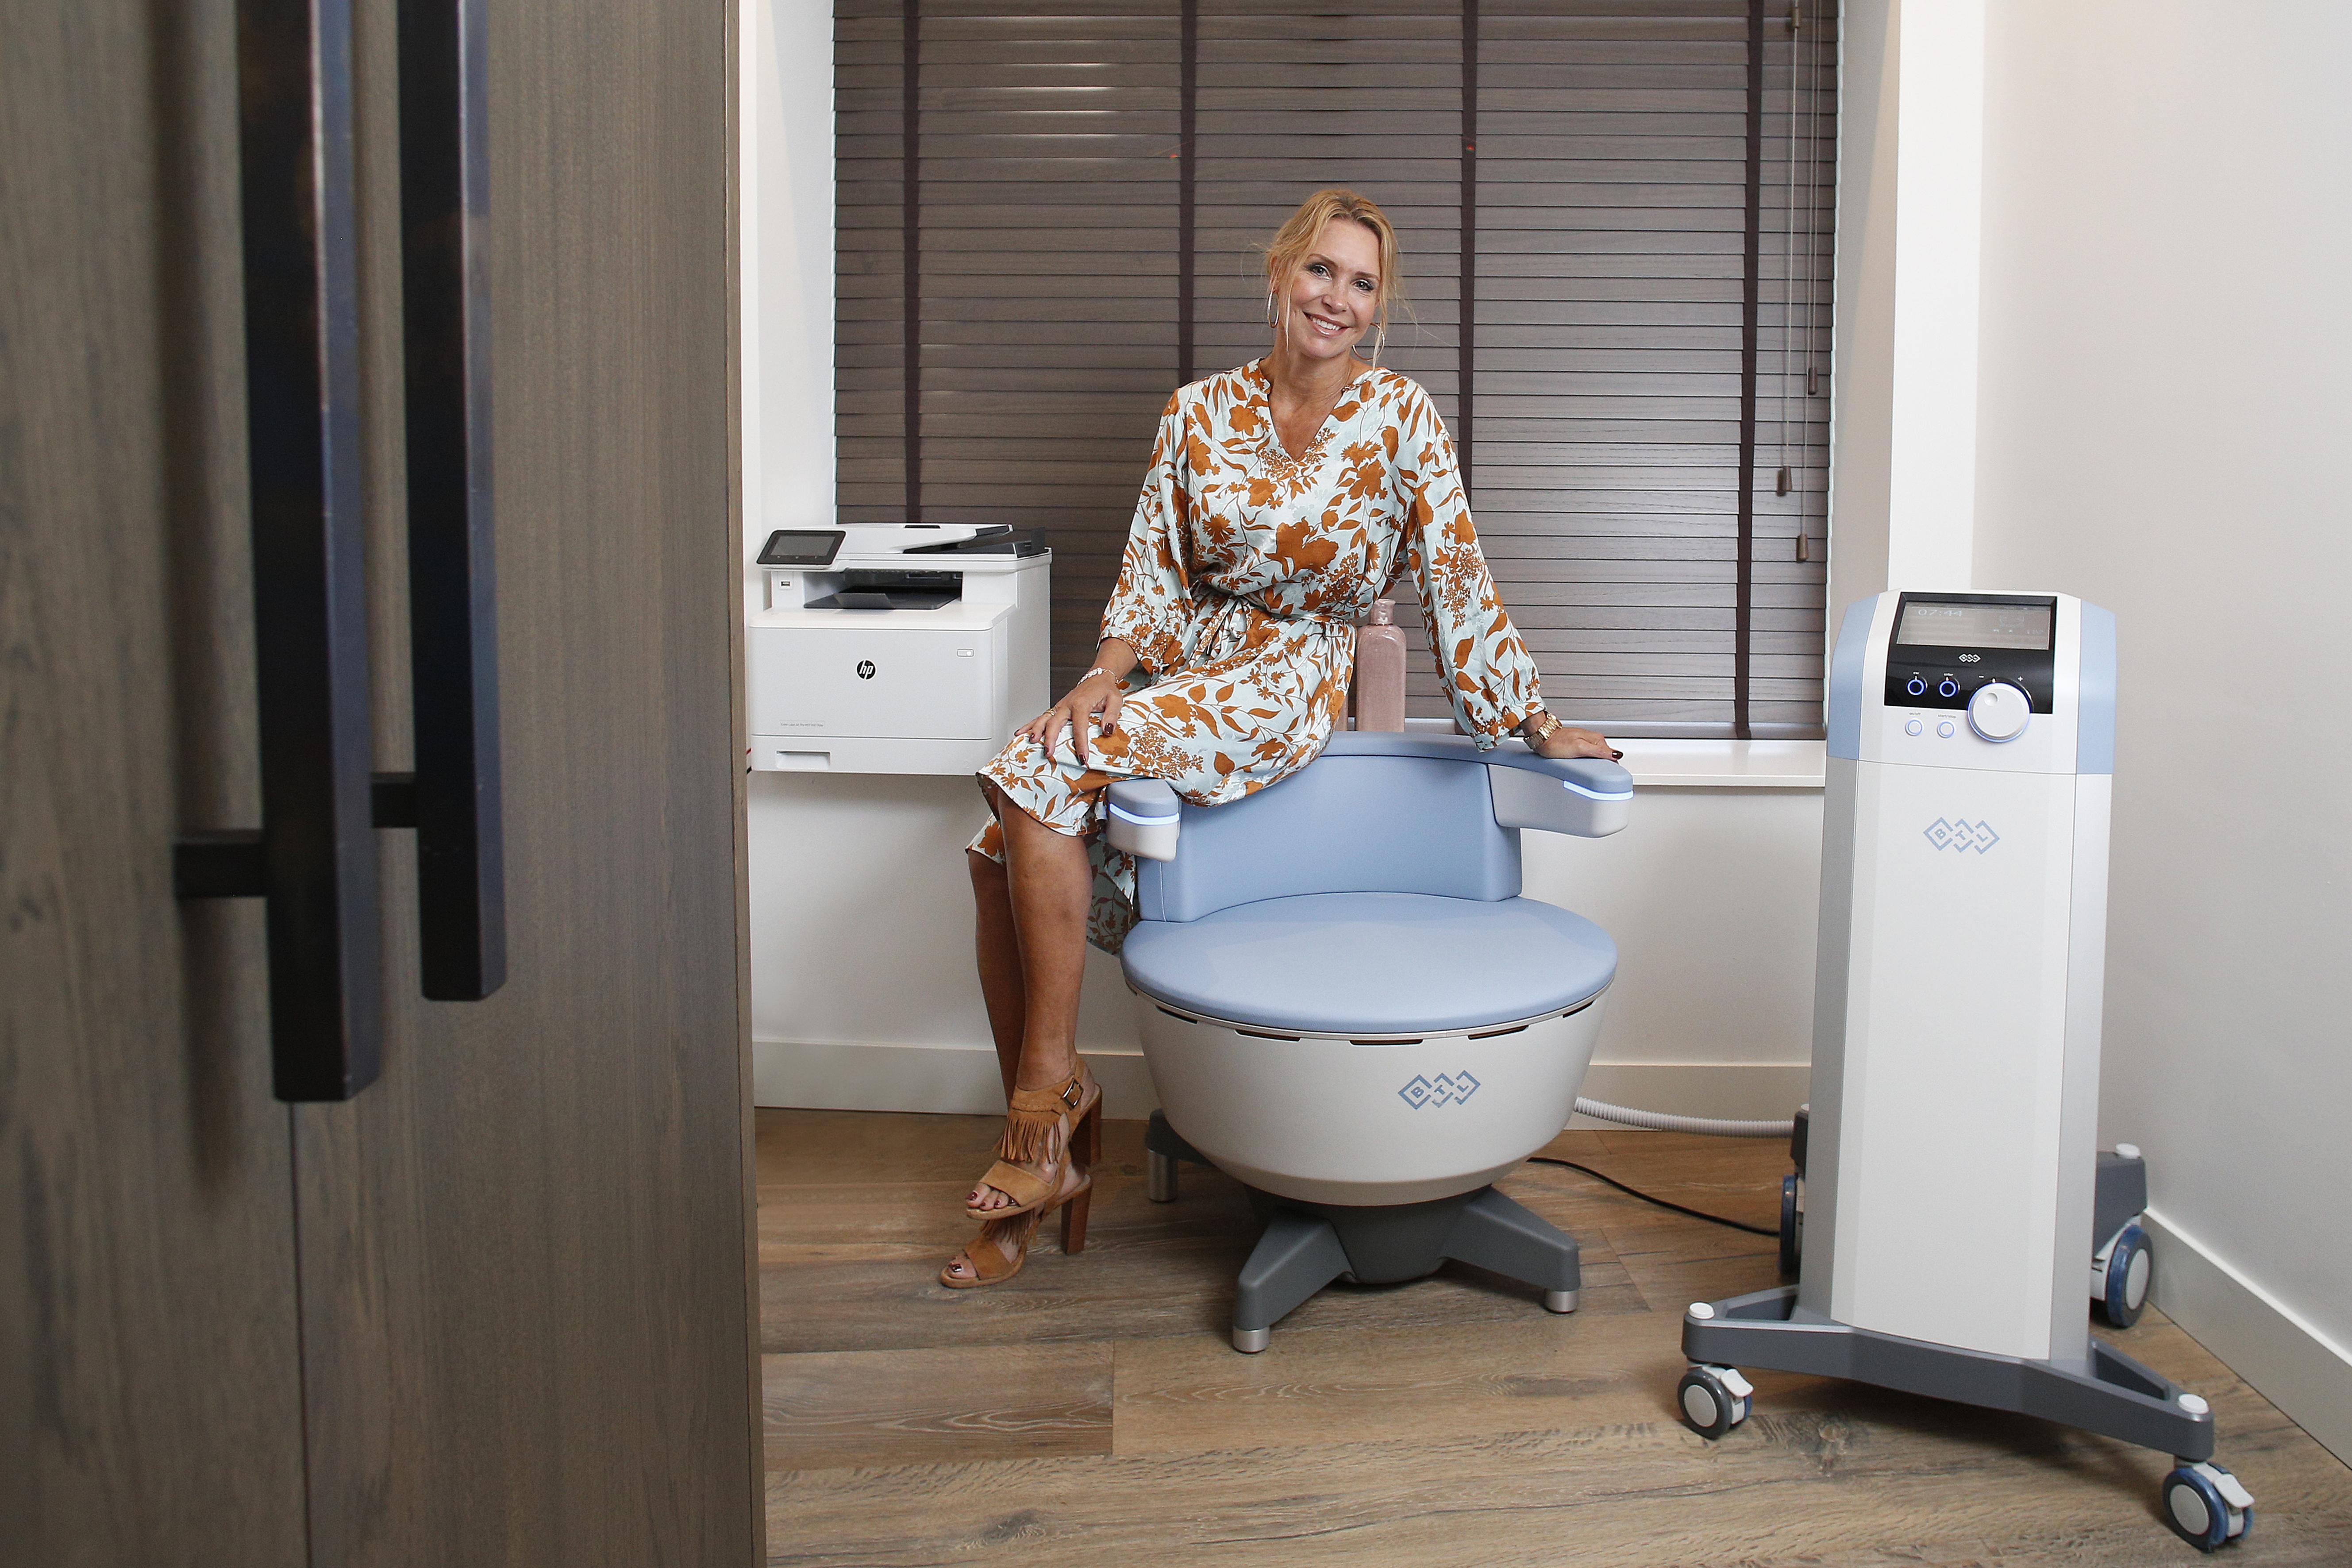 Geen sexy onderwerp: urineverlies na de bevalling of de overgang. Maar dokter Knigge deelt graag haar primeur: met een slimme stoel slappe bekkenbodemspieren keihard aanpakken